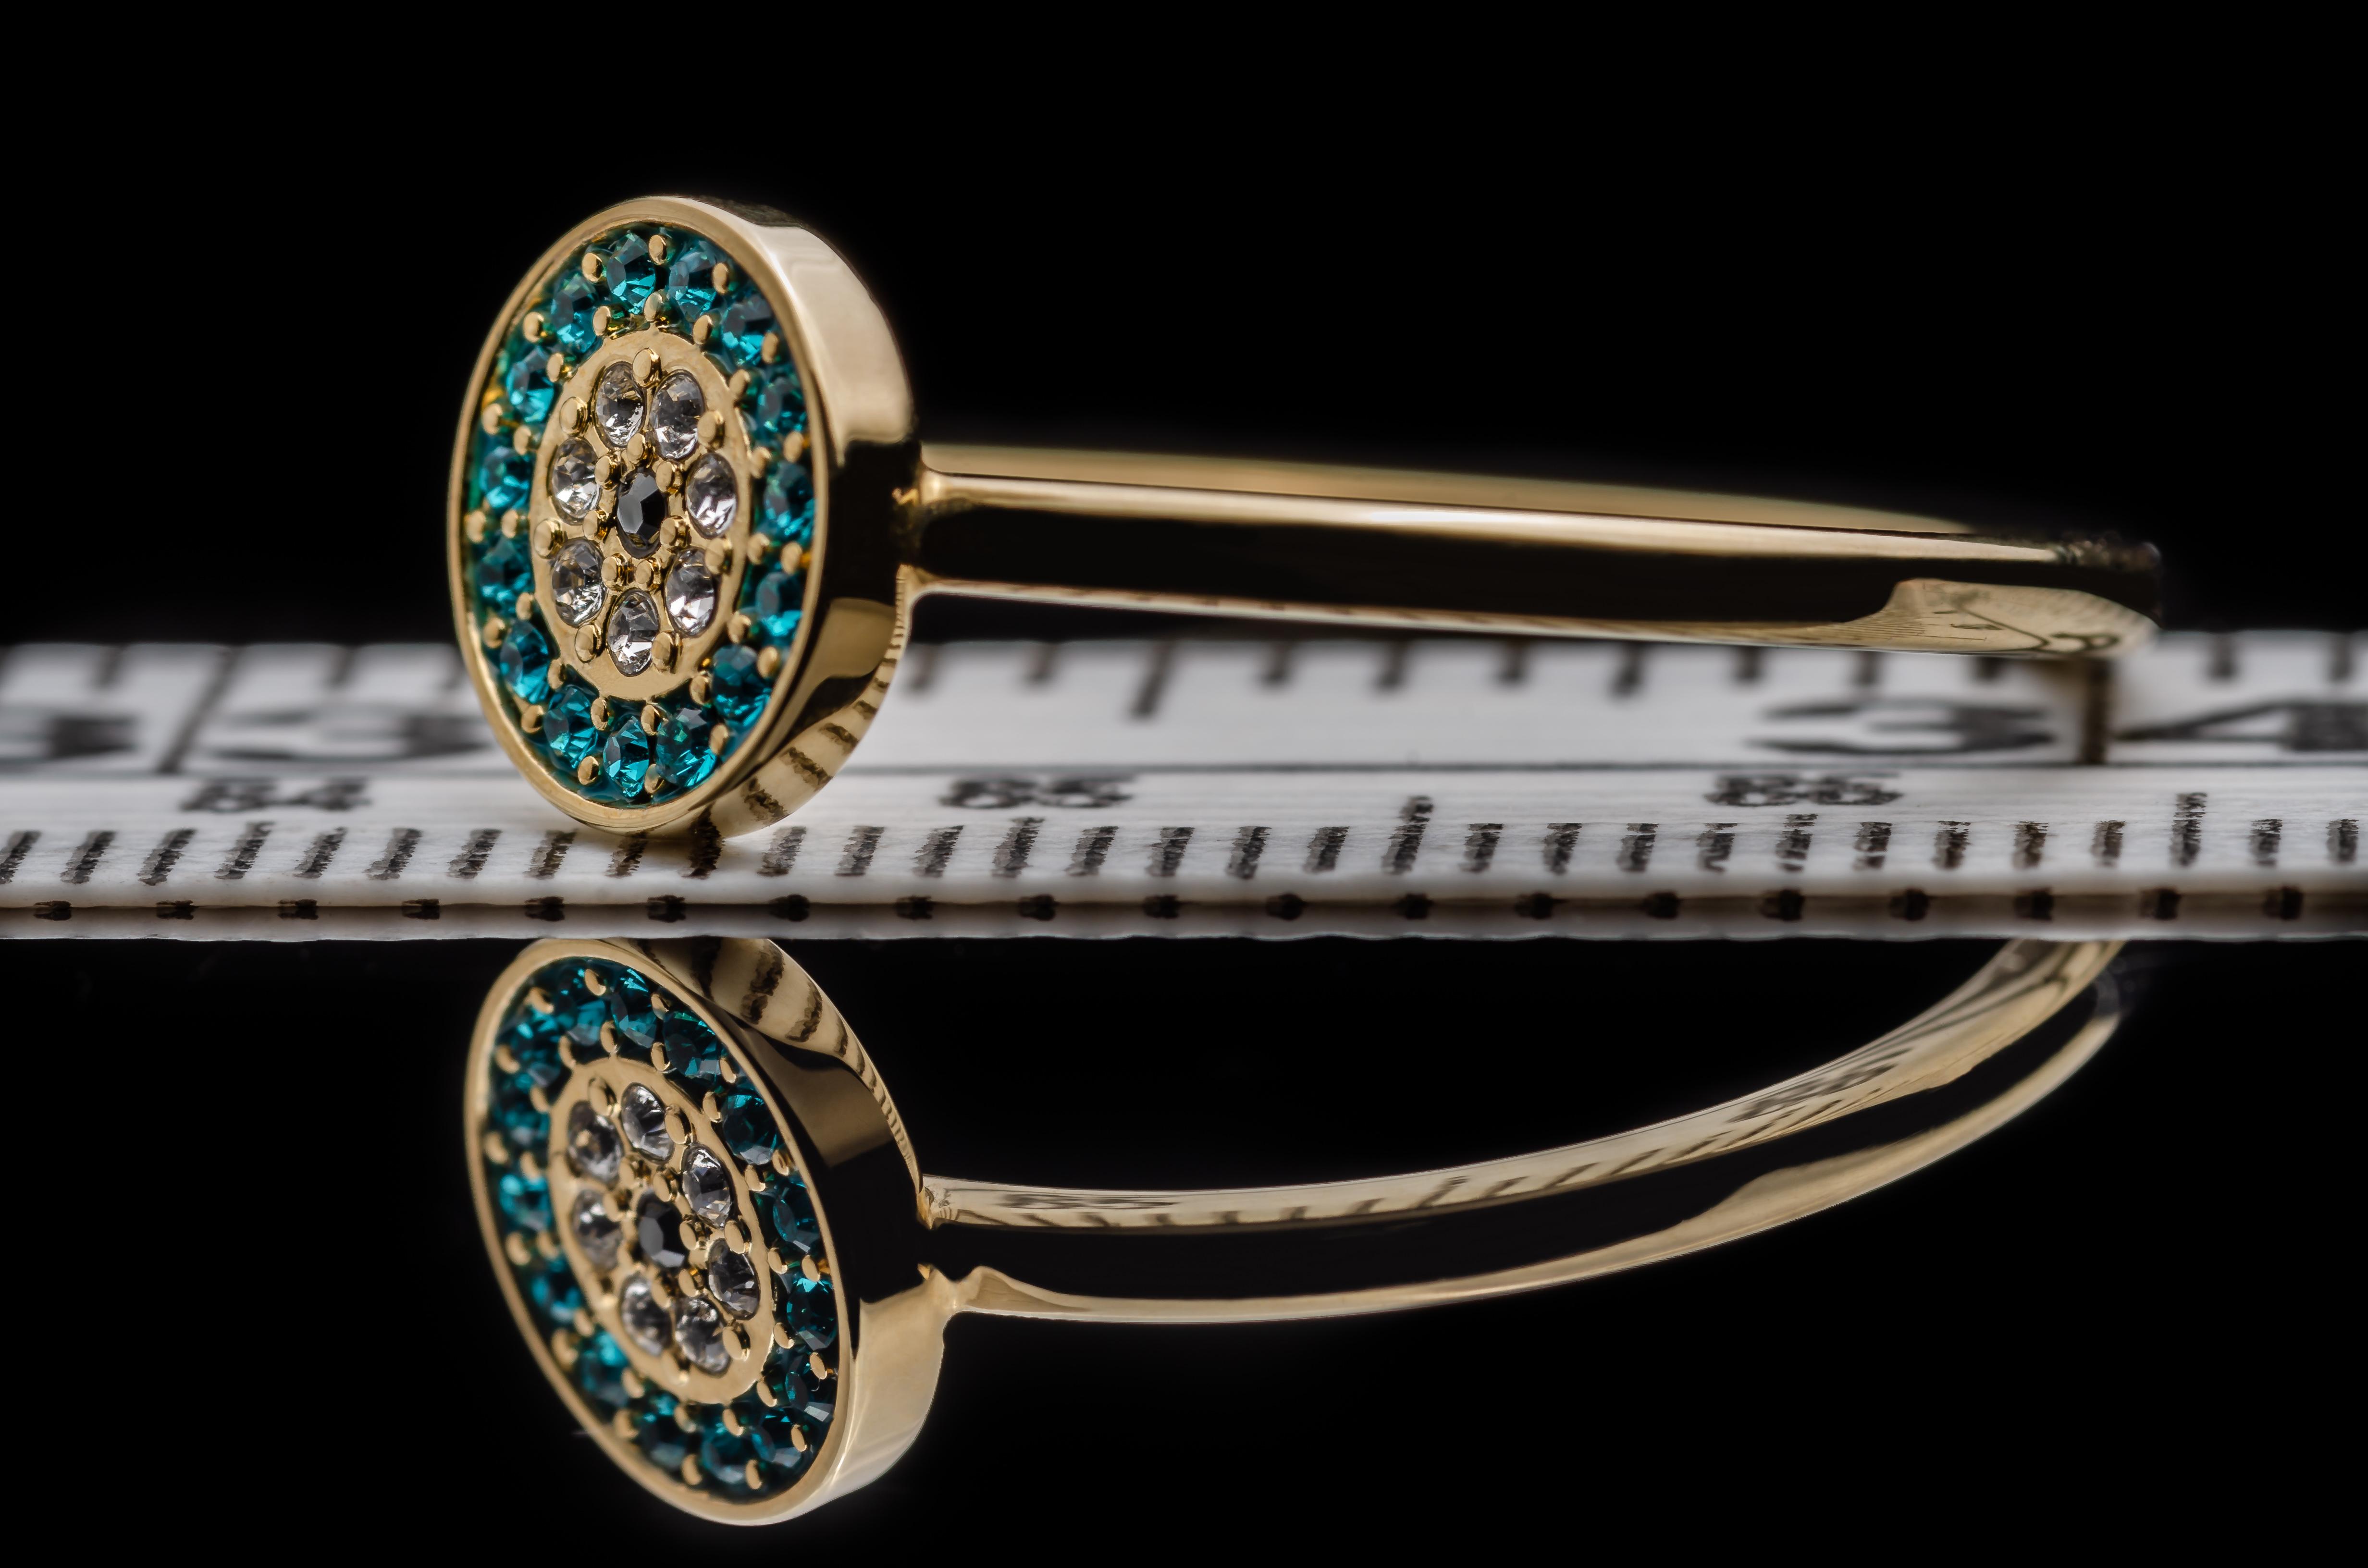 Fotografía de joyas, en la que se muestra un anillo, en fondo negro, situado sobre una cinta de costura para conocer sus tamaño y visualizar la profundidad de campo